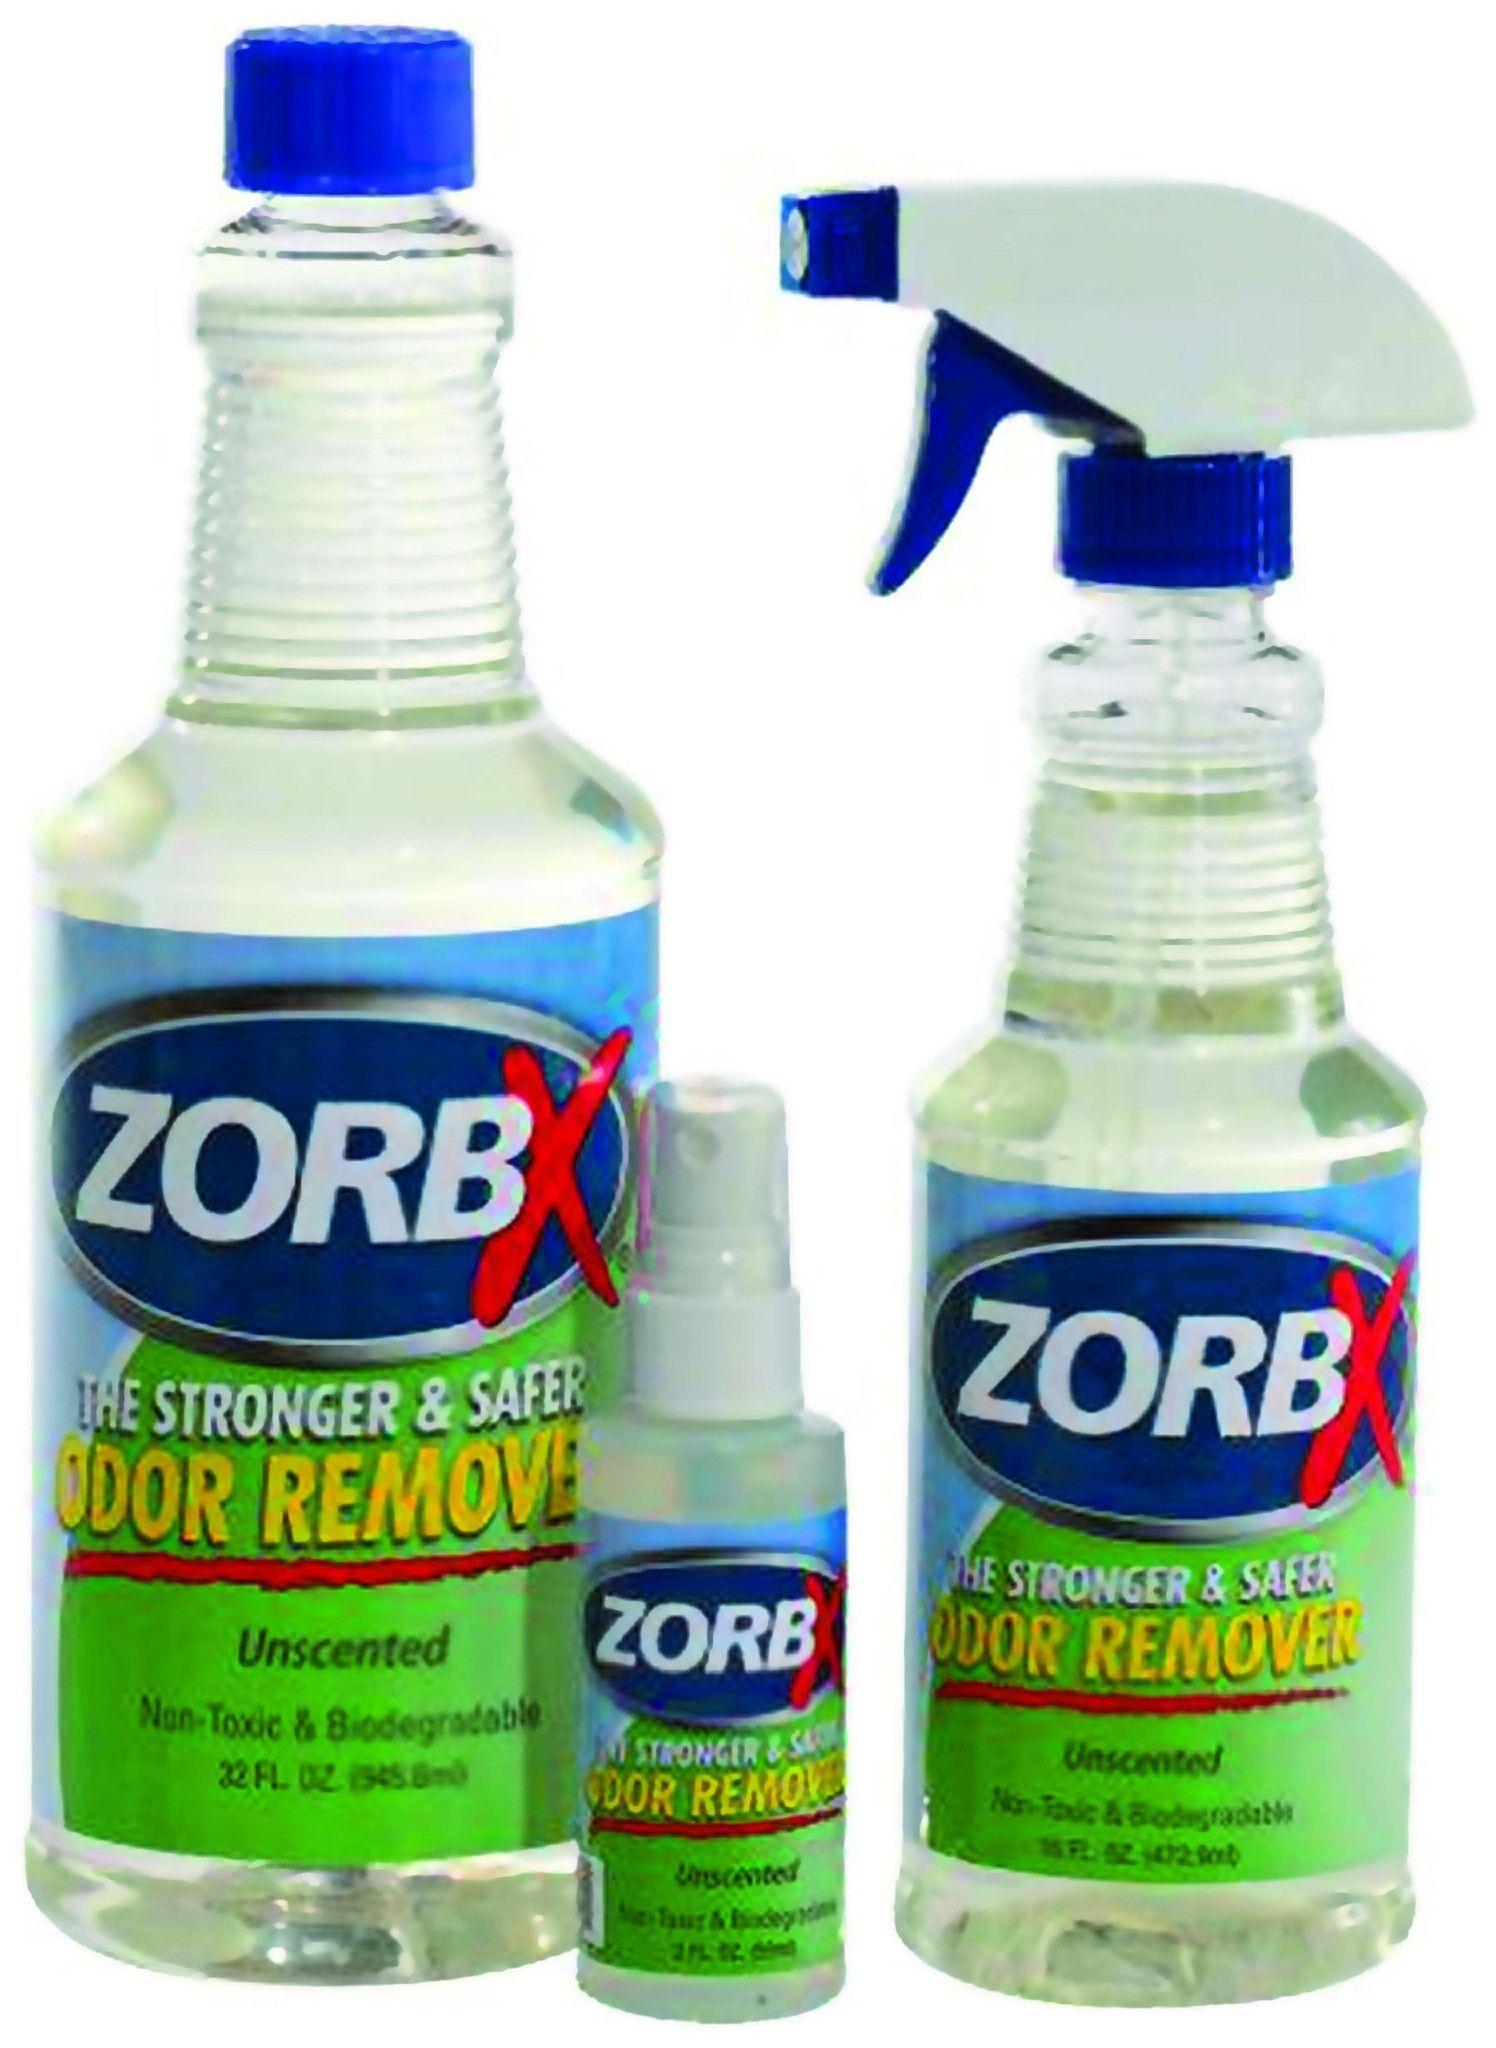 EA/1 Unscented Odor Remover, 2 oz. Odor remover